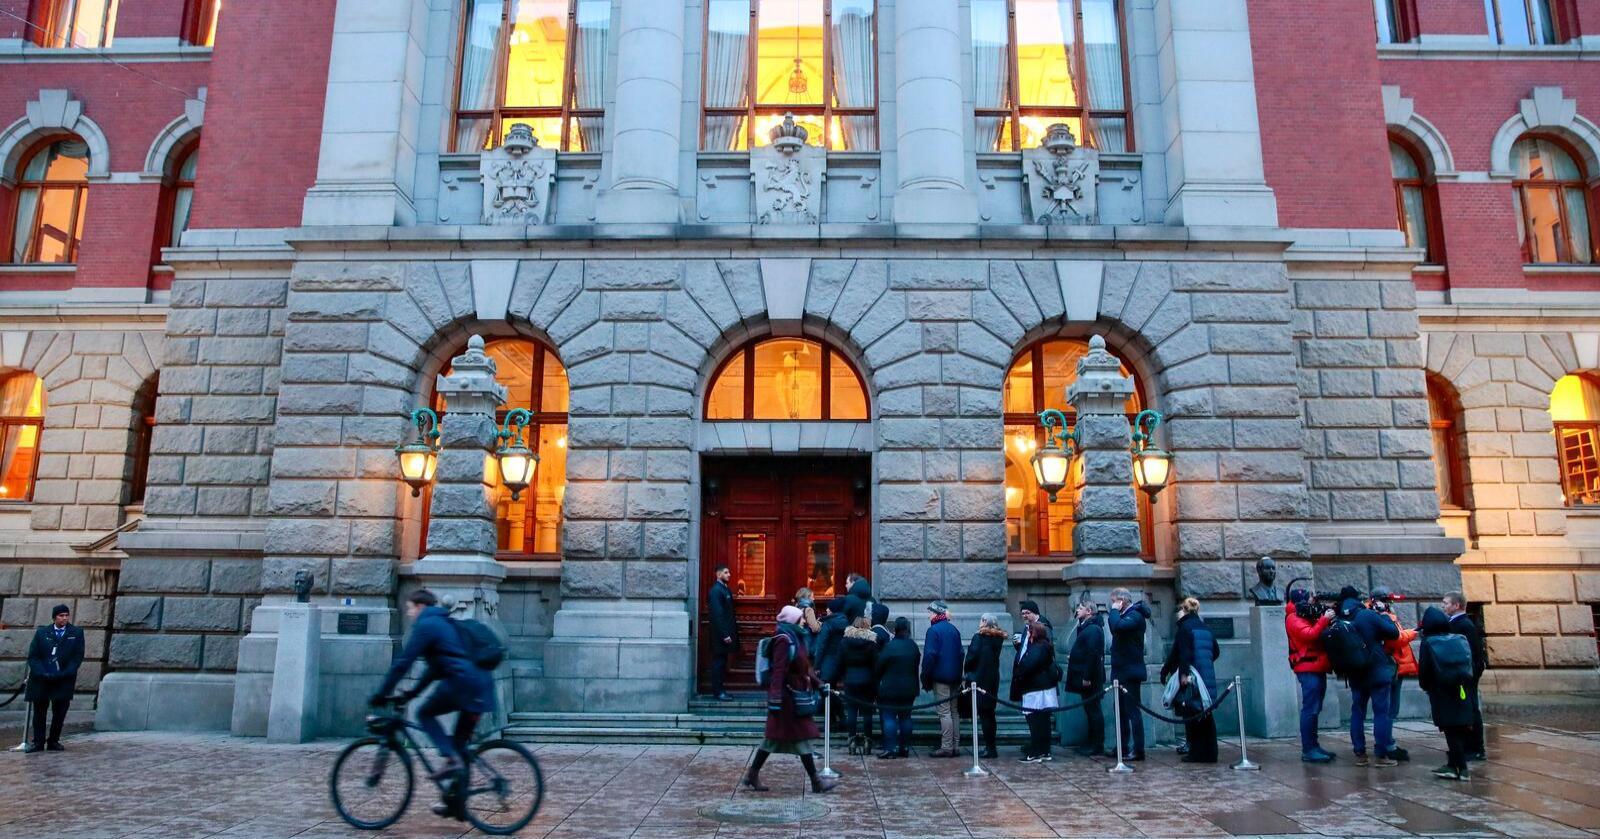 Publikum i kø utenfor Høyesterett i forbindelse med behandlingen av fire barnevernssaker i februar. Foto: Håkon Mosvold Larsen / NTB scanpix